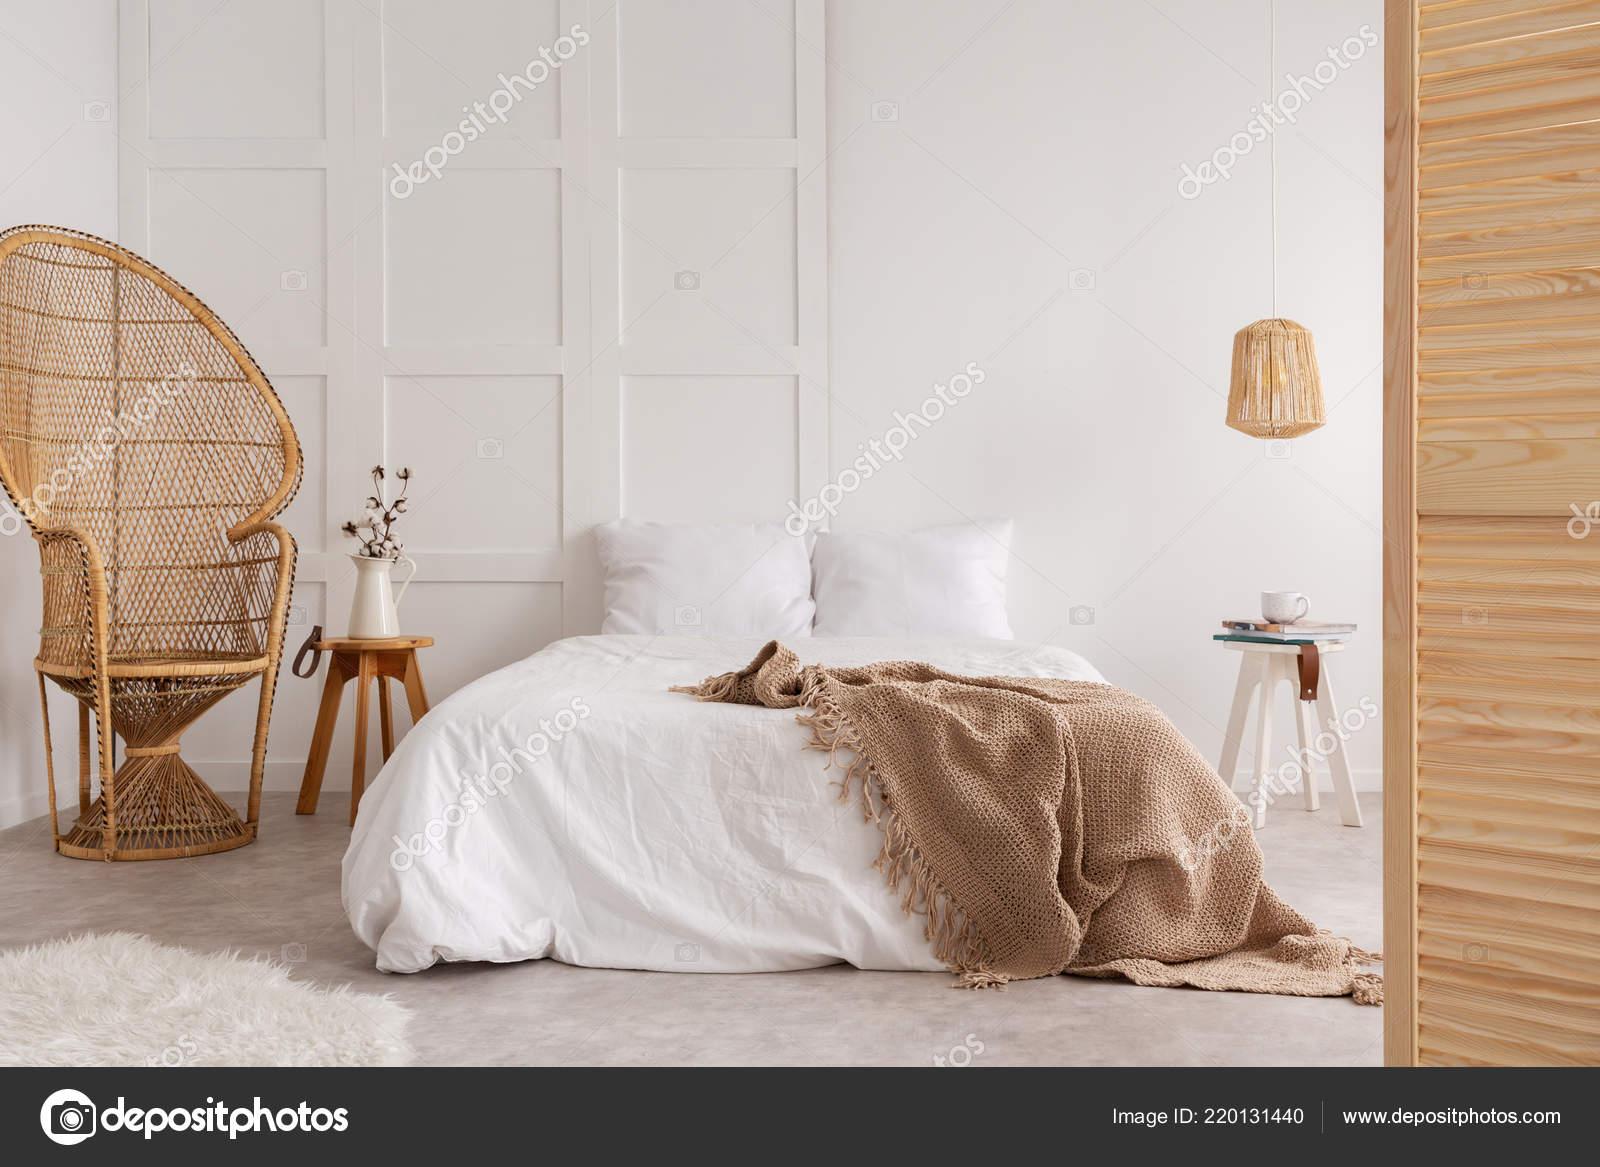 Rattan Sessel Und Holztisch Neben Bett Mit Braunen Decke ...